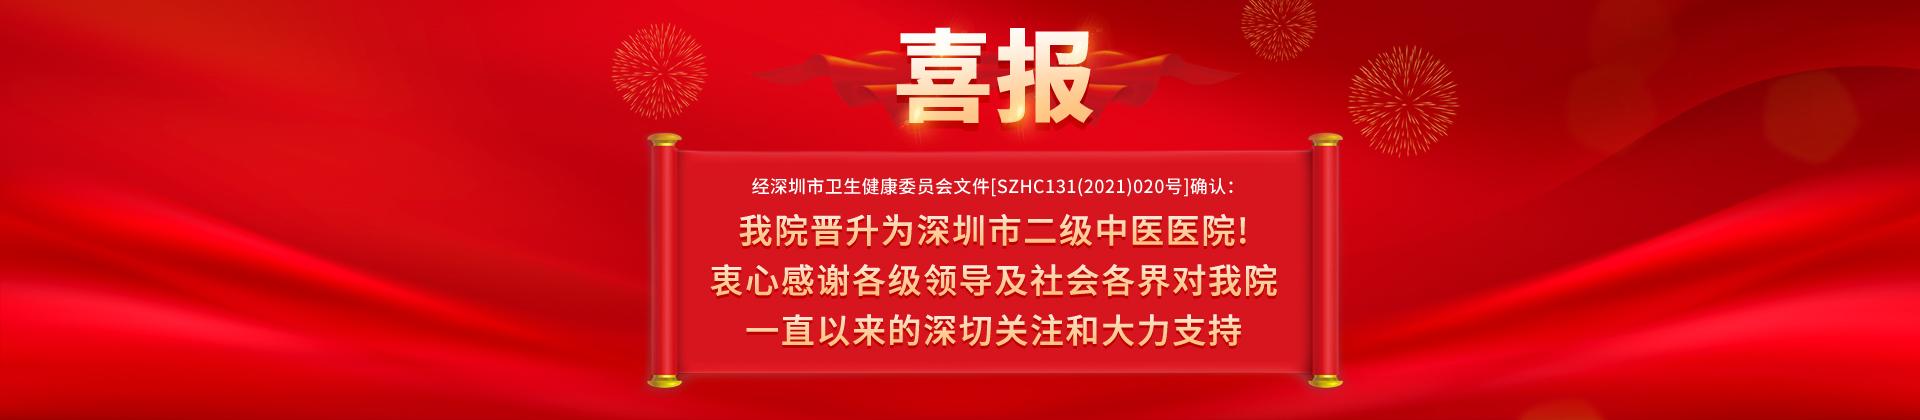 喜报:我院晋升为深圳市二级中医医院!